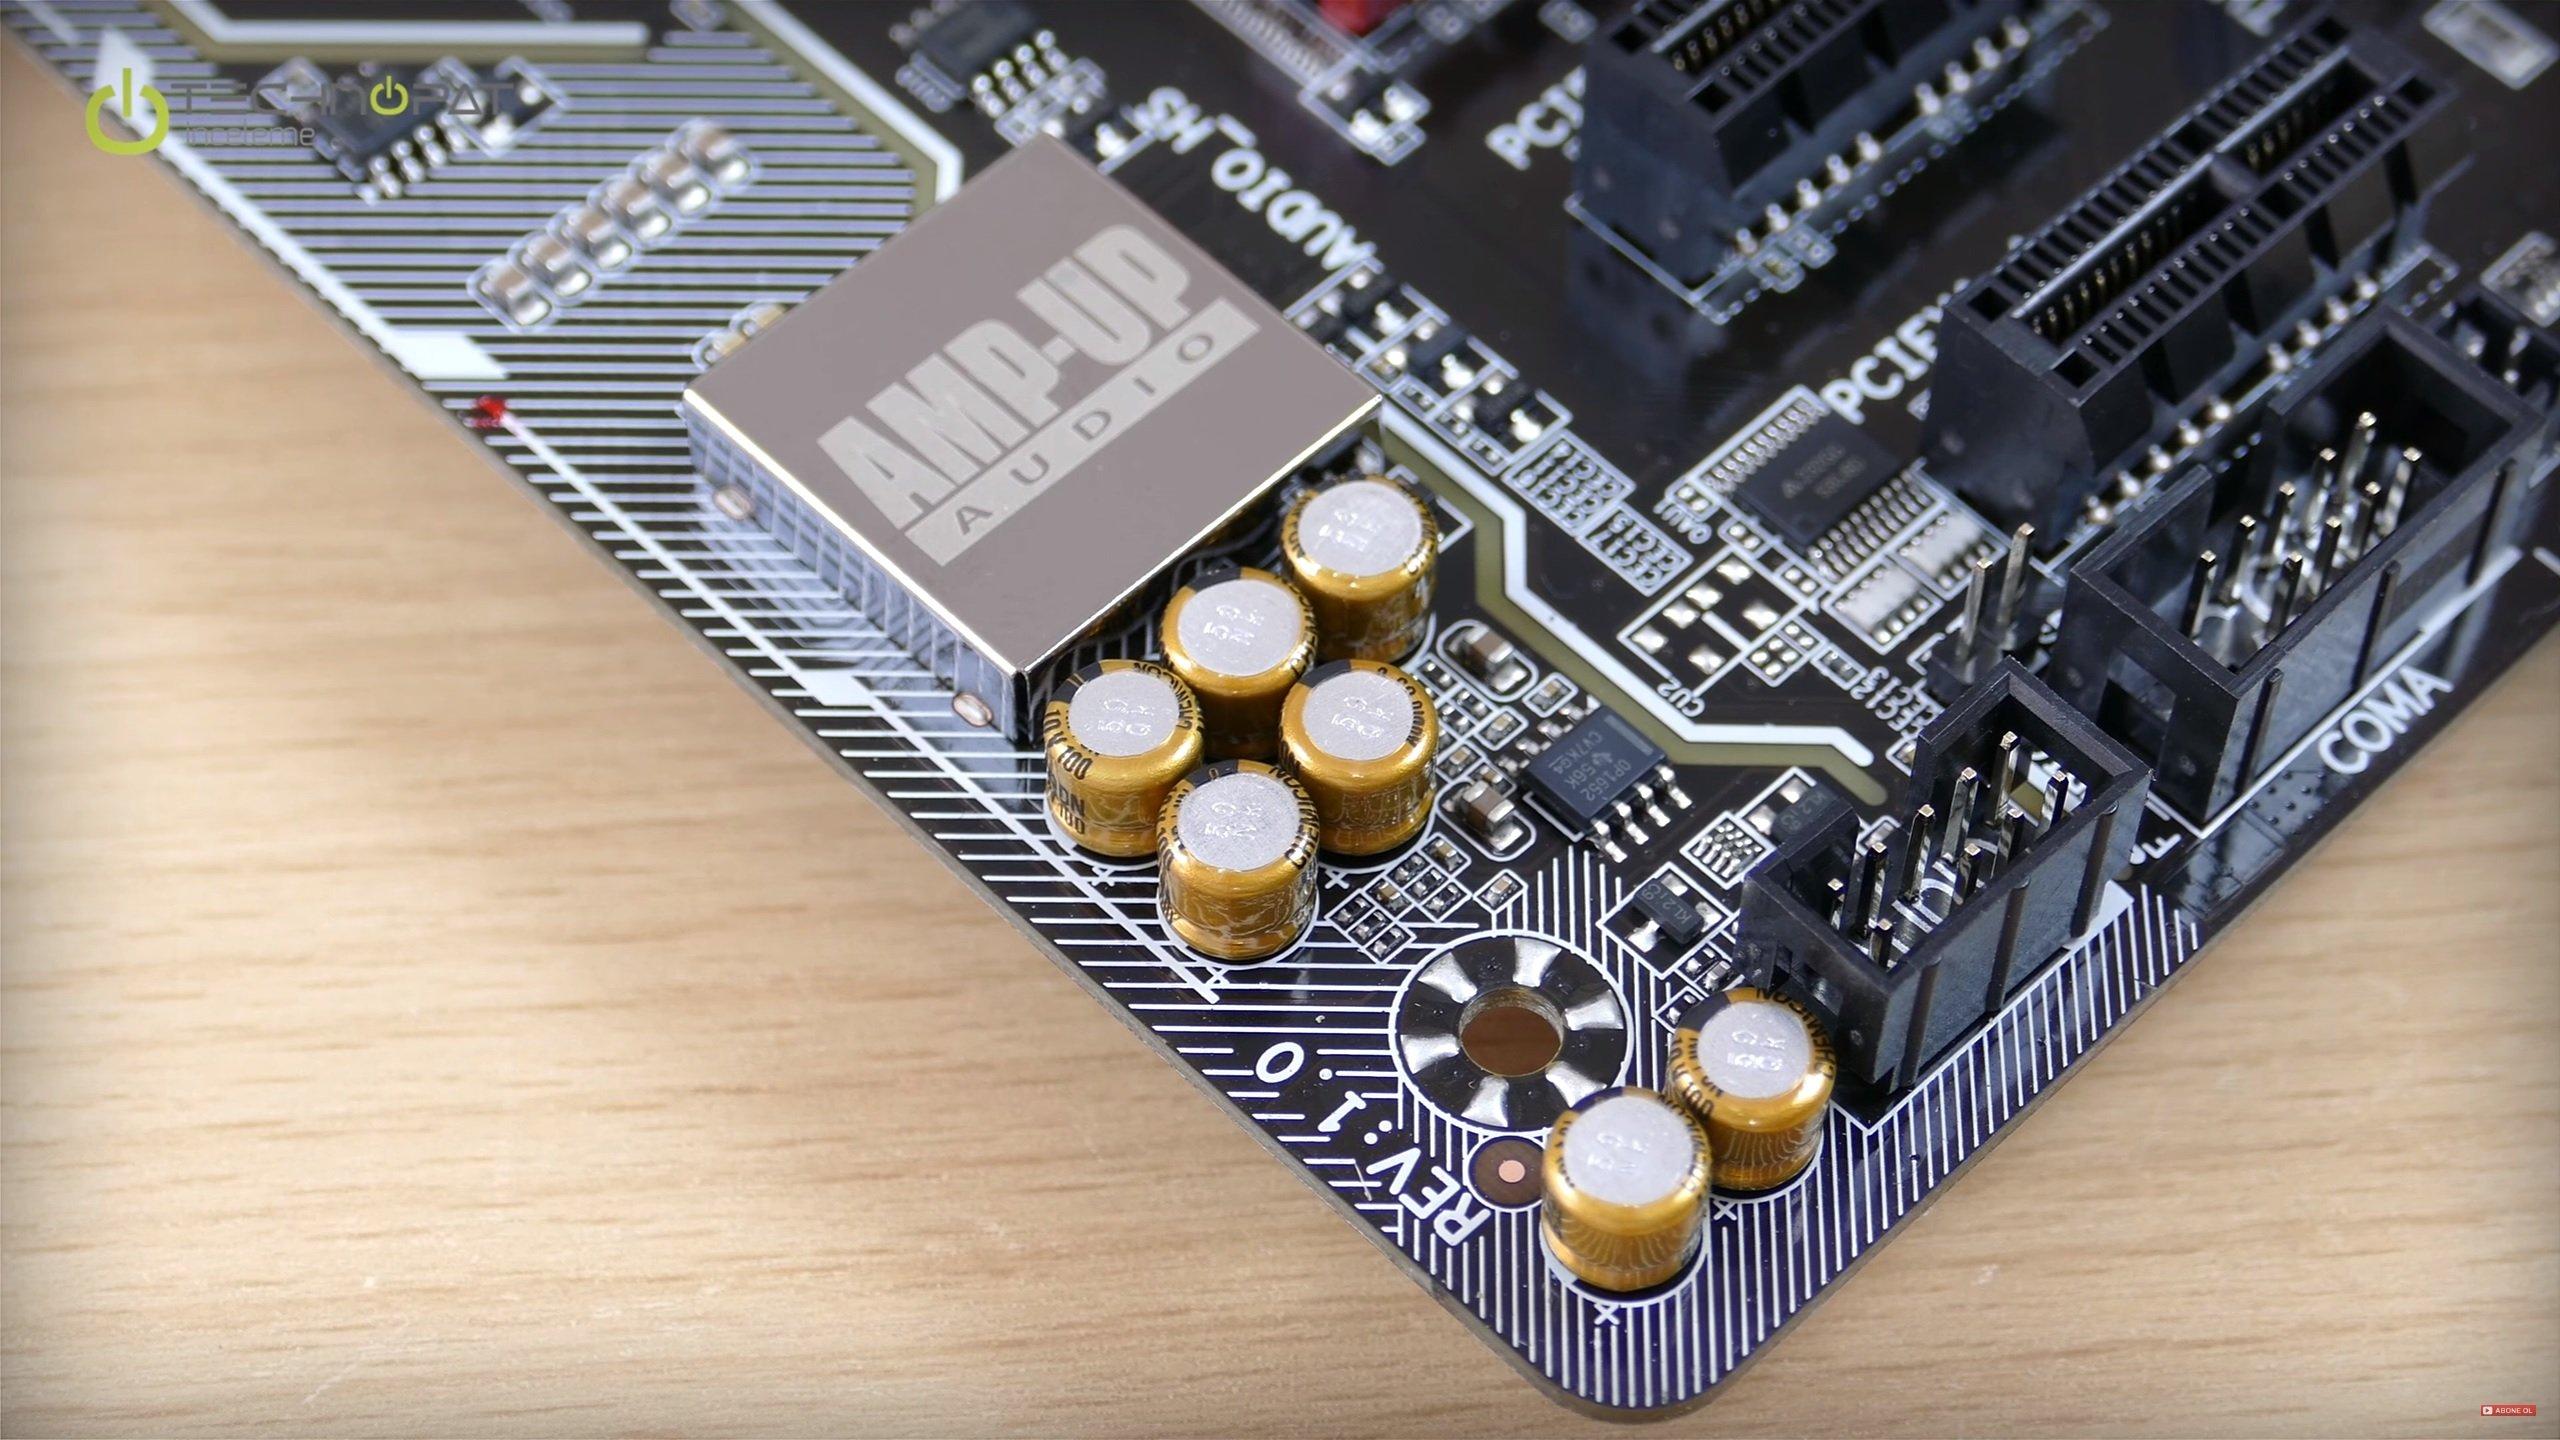 Ses yongası: Gigabyte Z170 Gaming K3 Anakart İncelemesi